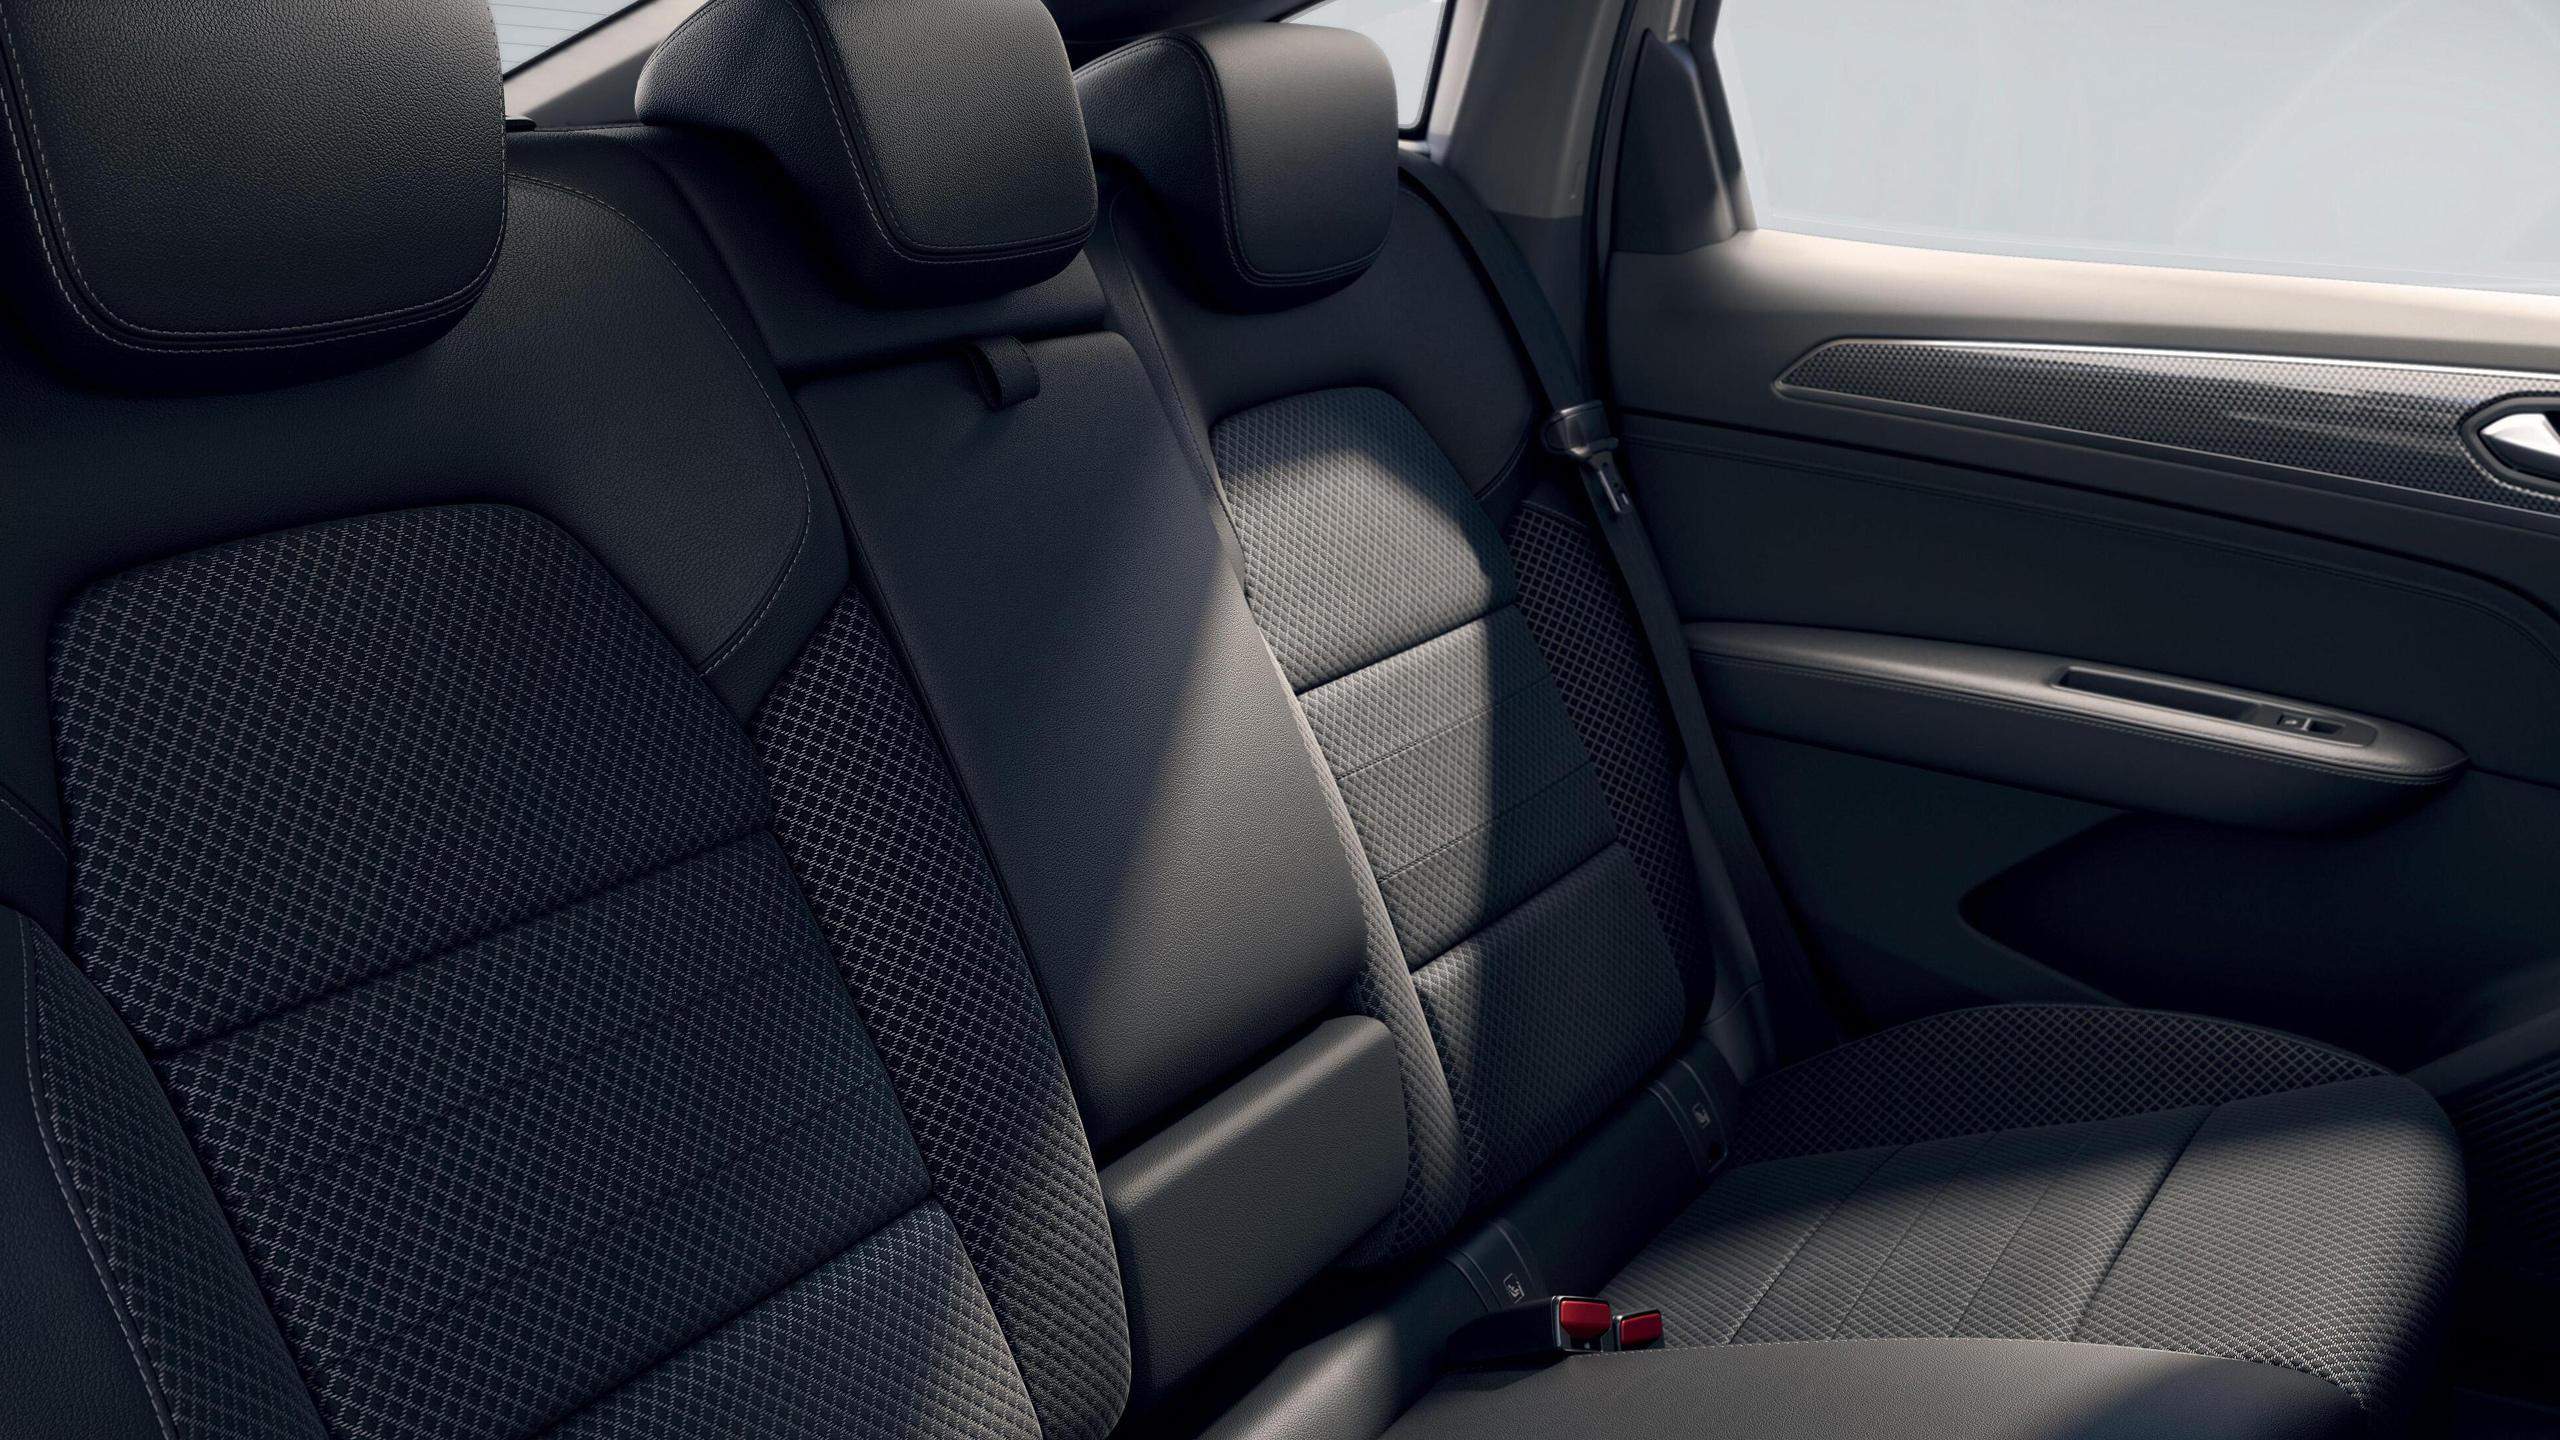 3-Punkt-Sicherheitsgurte auf allen Plätzen der Rücksitzbank